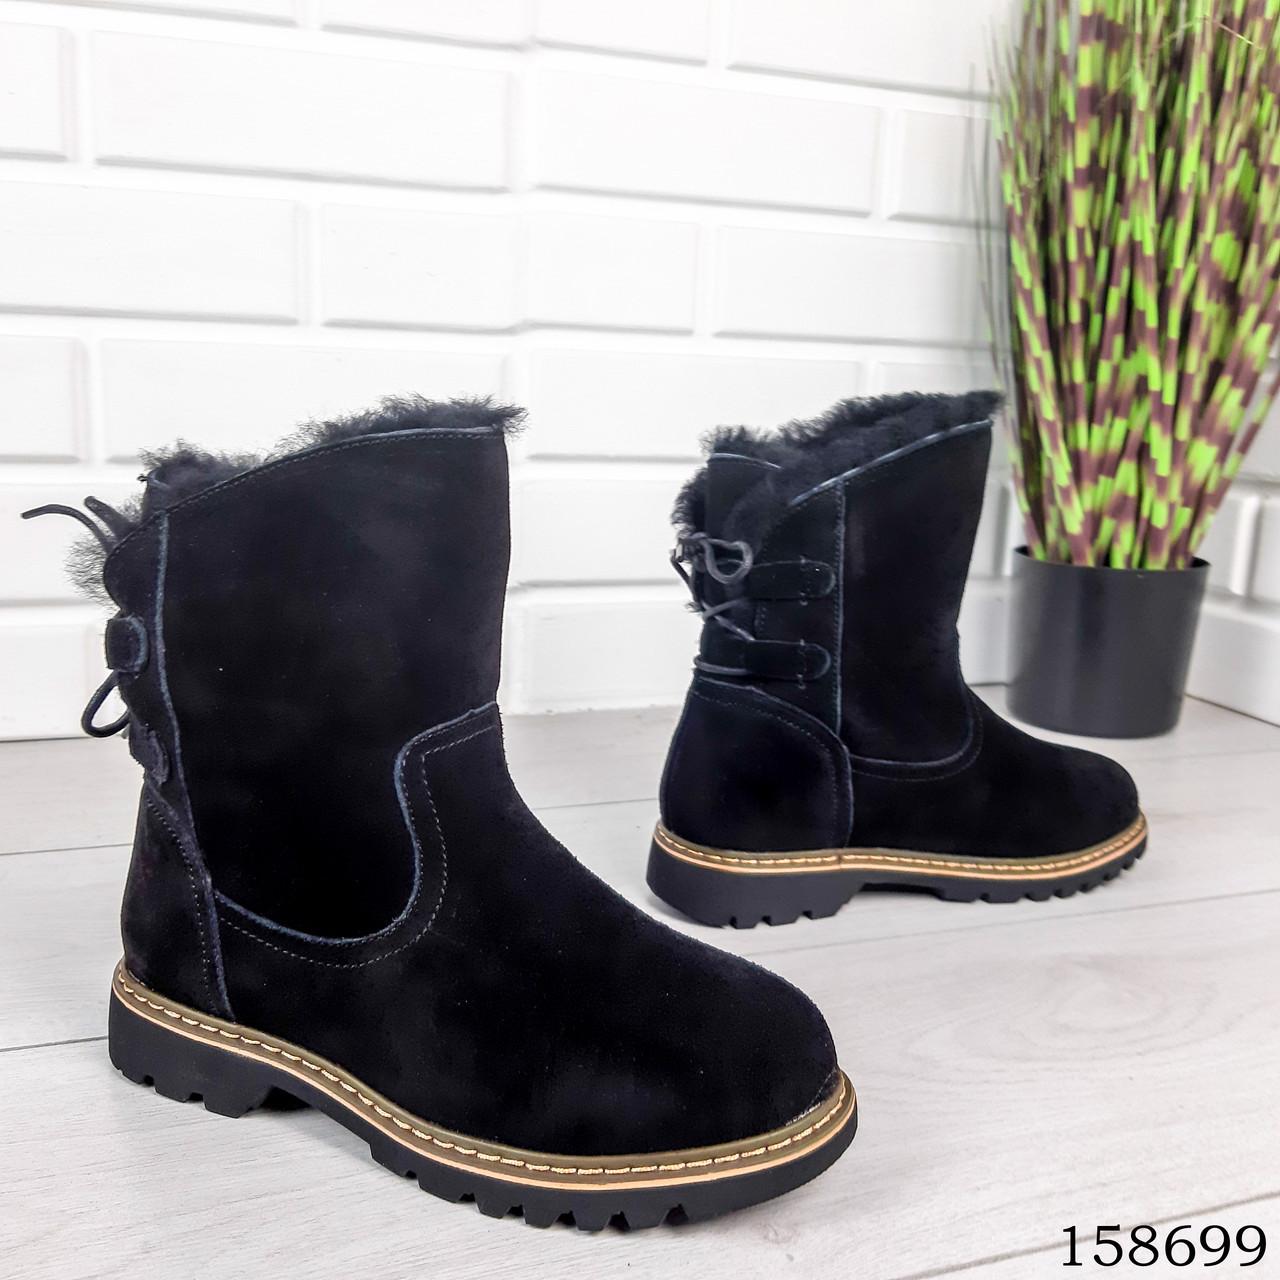 Жіночі черевики шкіряні чорного кольору з натуральної замші, всередині теплий еко хутро